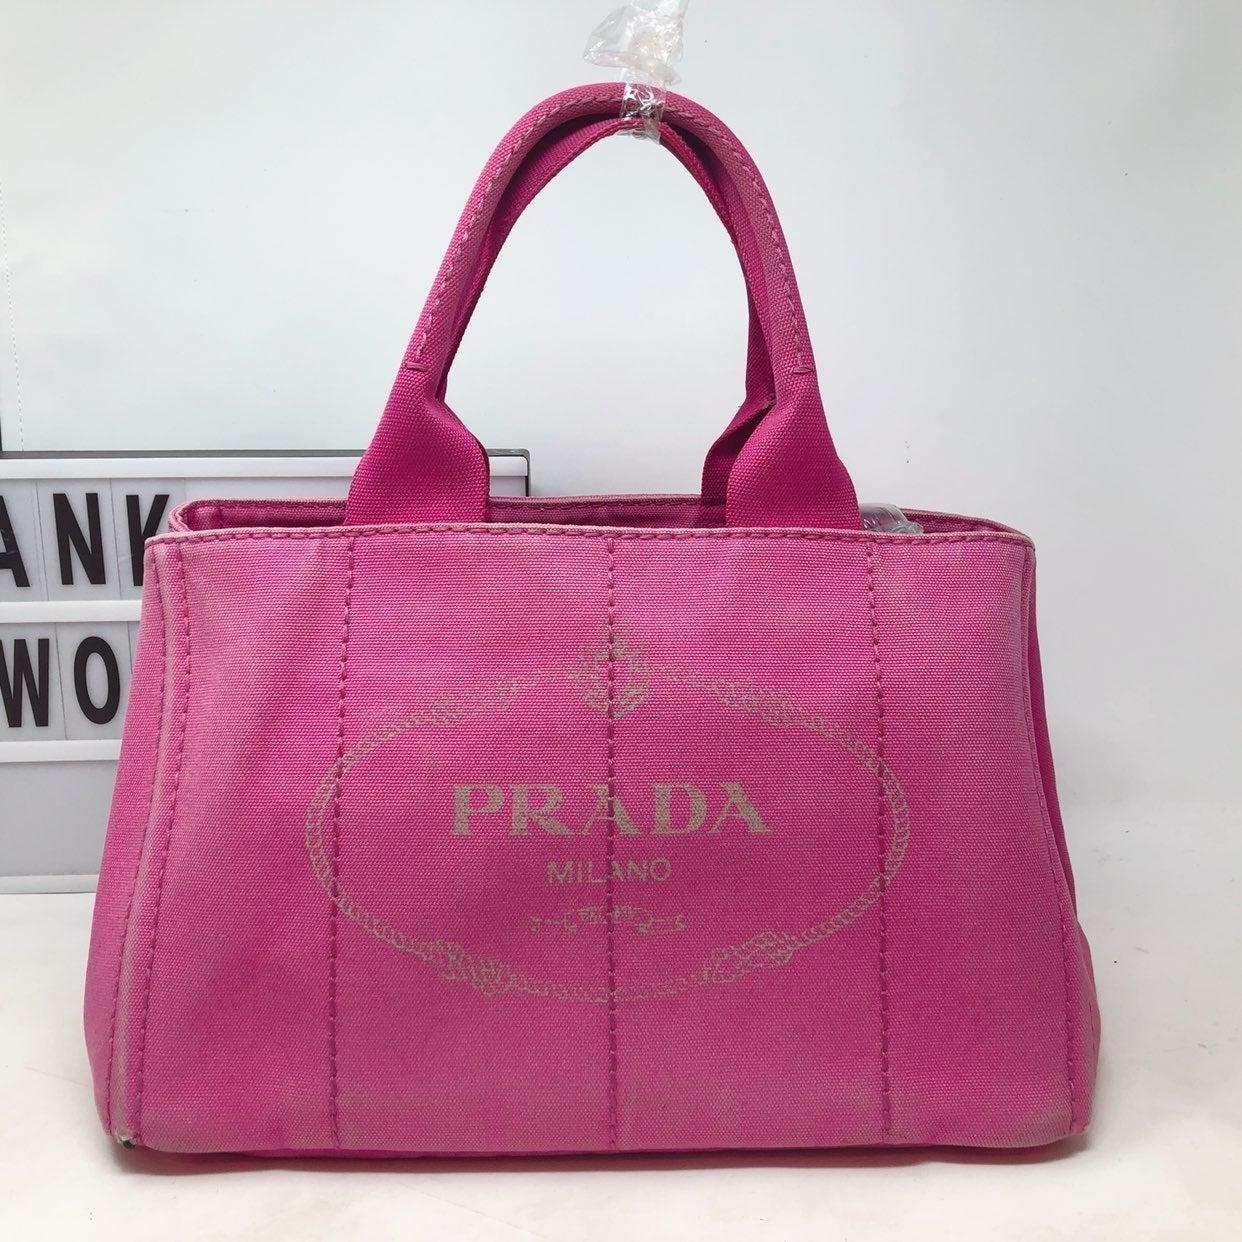 Prada Milano Canapa Pink Tote bag